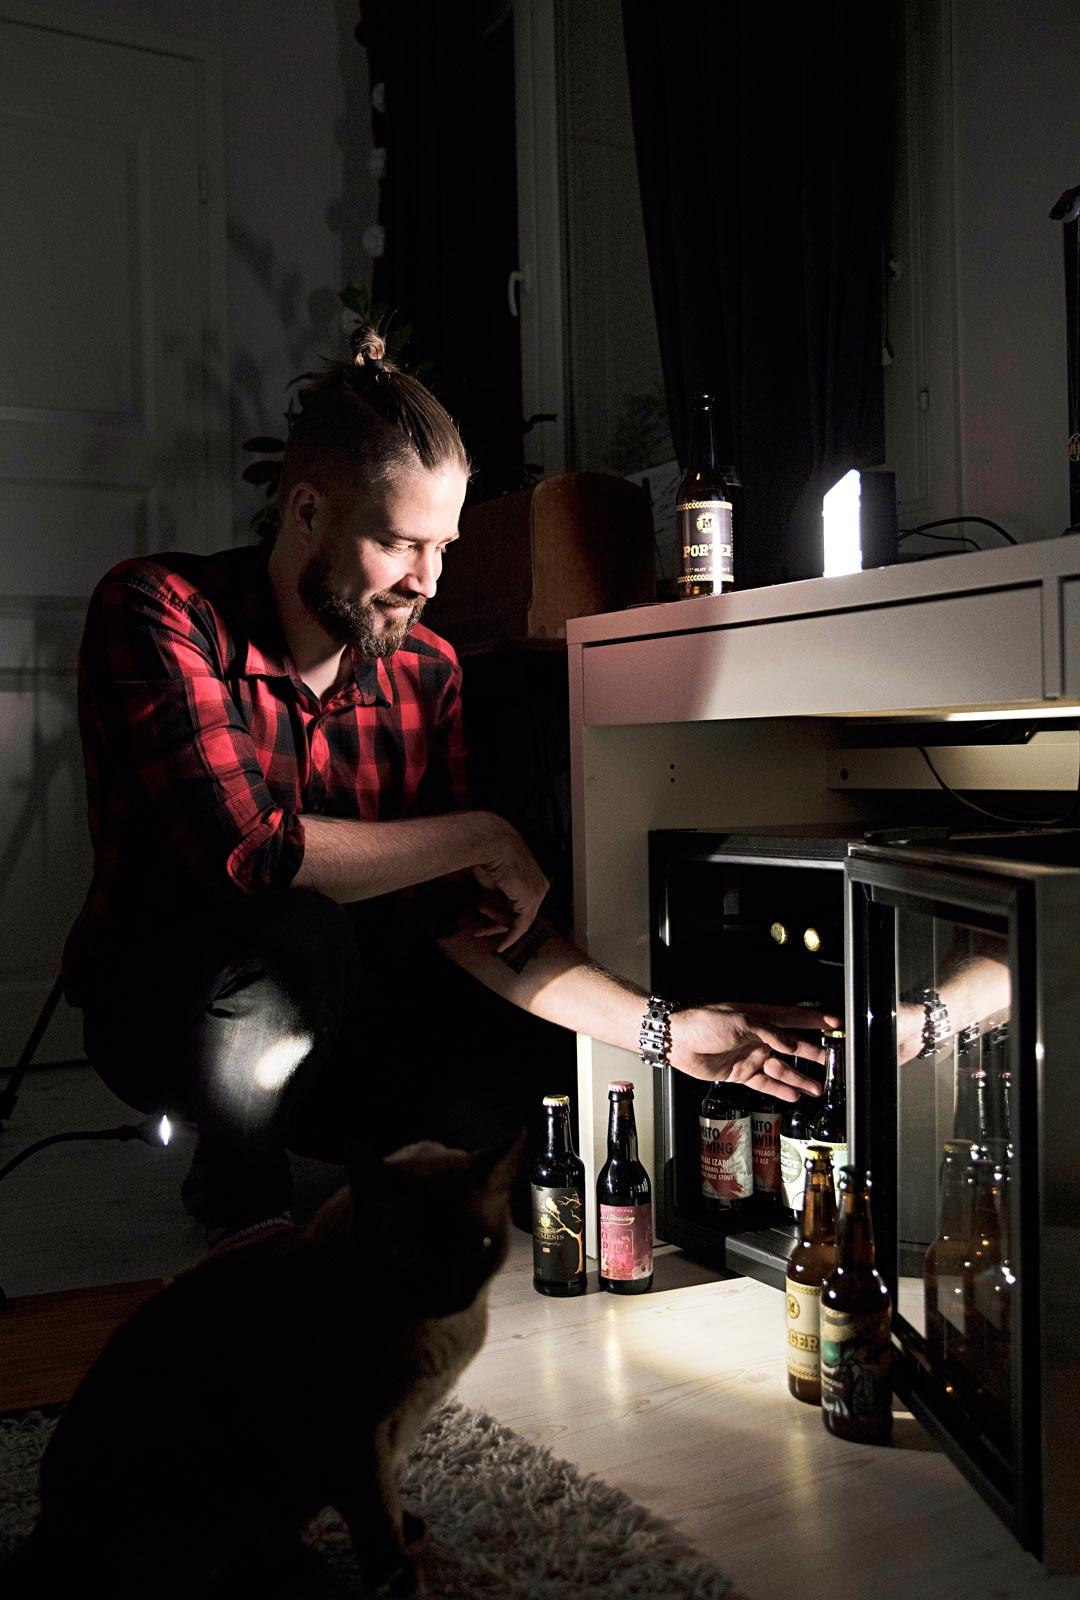 Kotona Joensuussa Jaska säilyttää oluitaan viinikaapissa, jonka lämpötila on kuusi–seitsemän astetta.